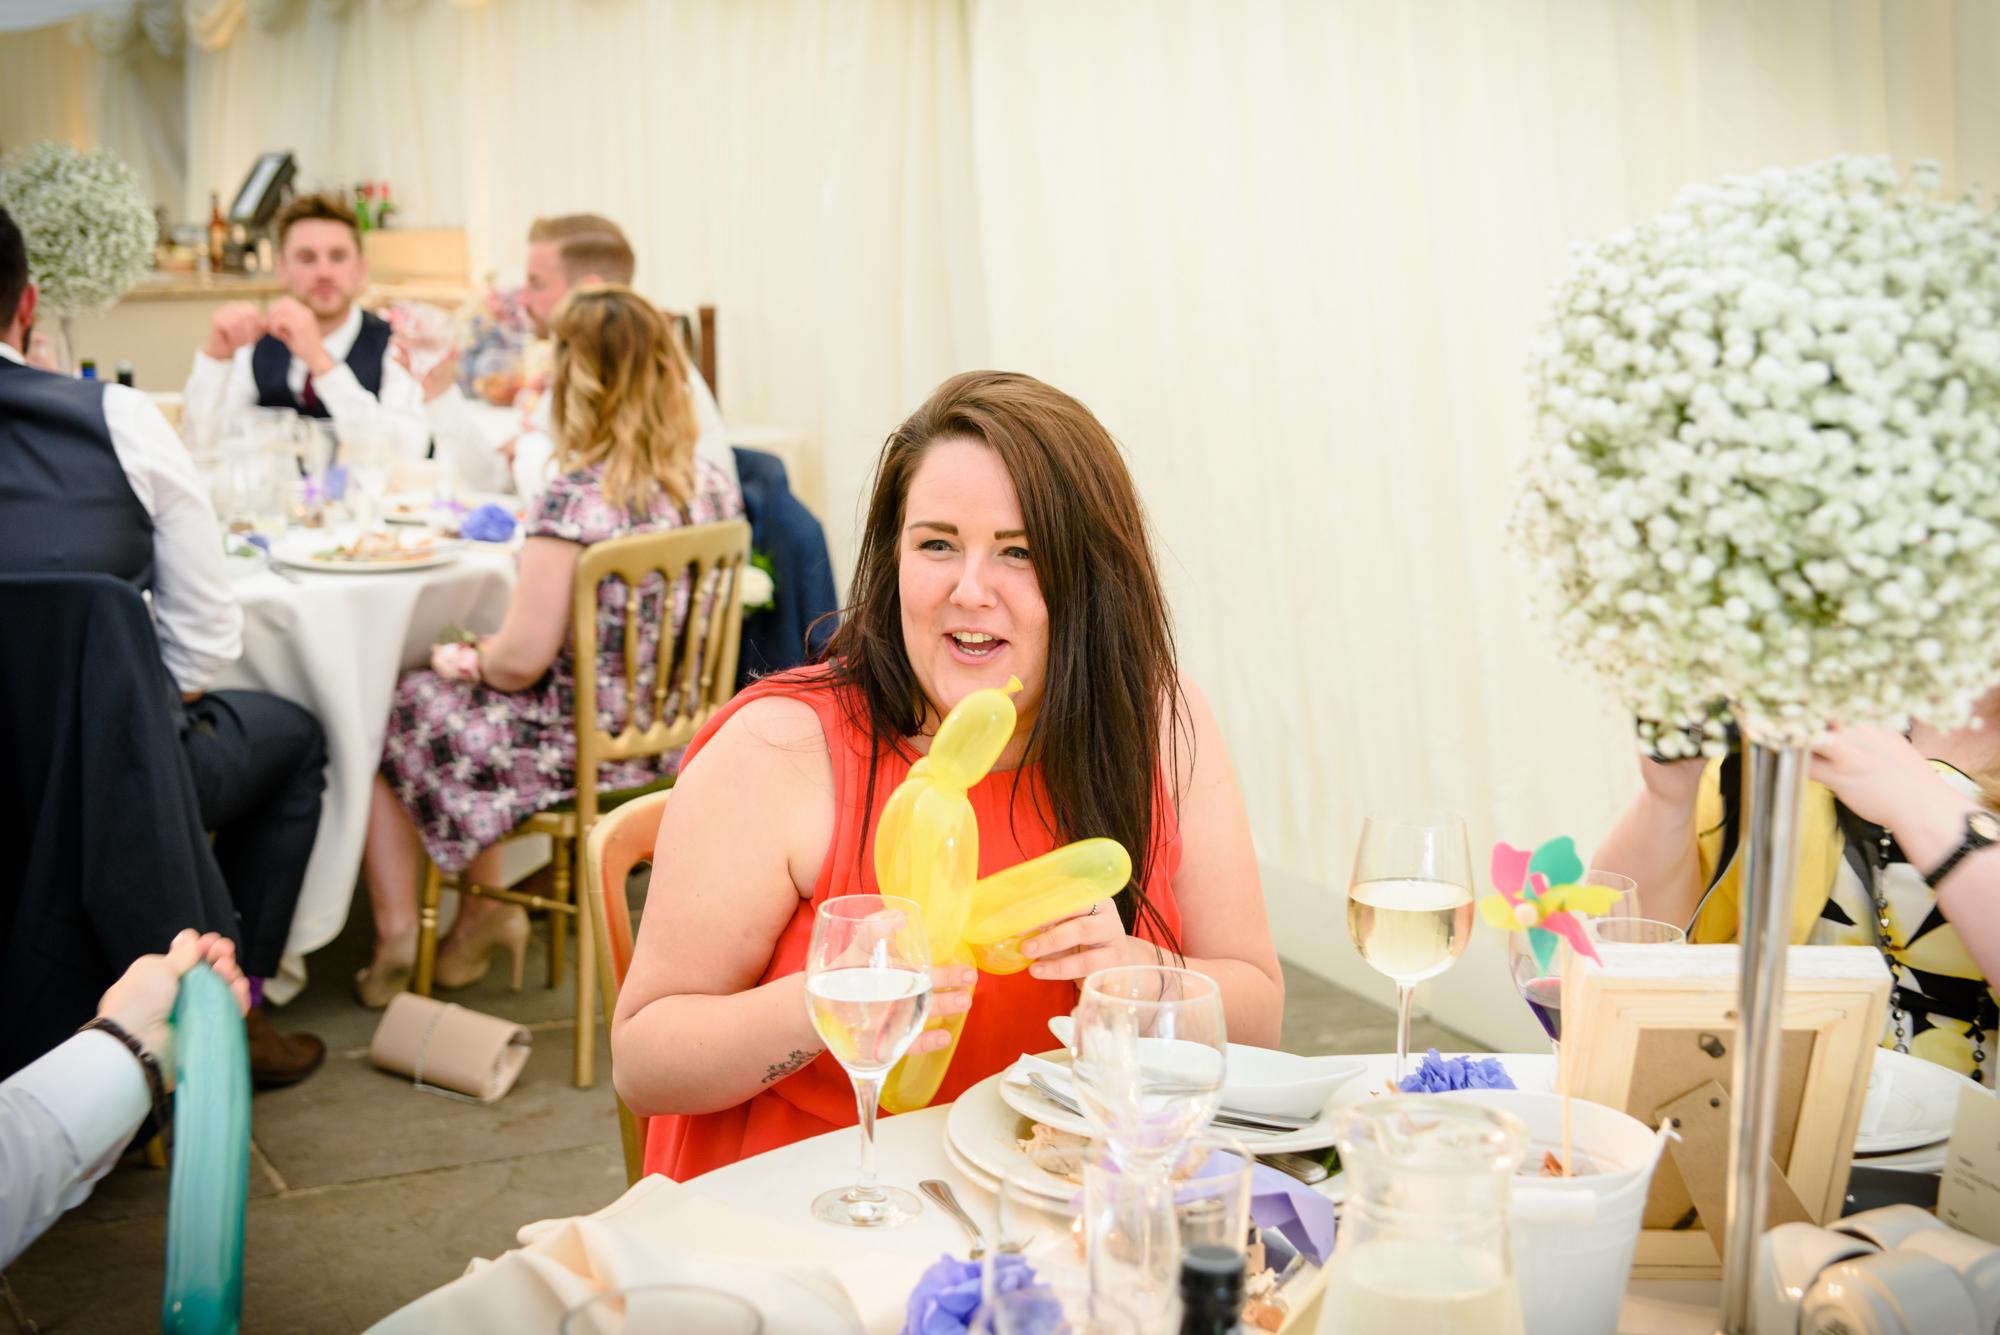 Wedding guest made a rude ballon